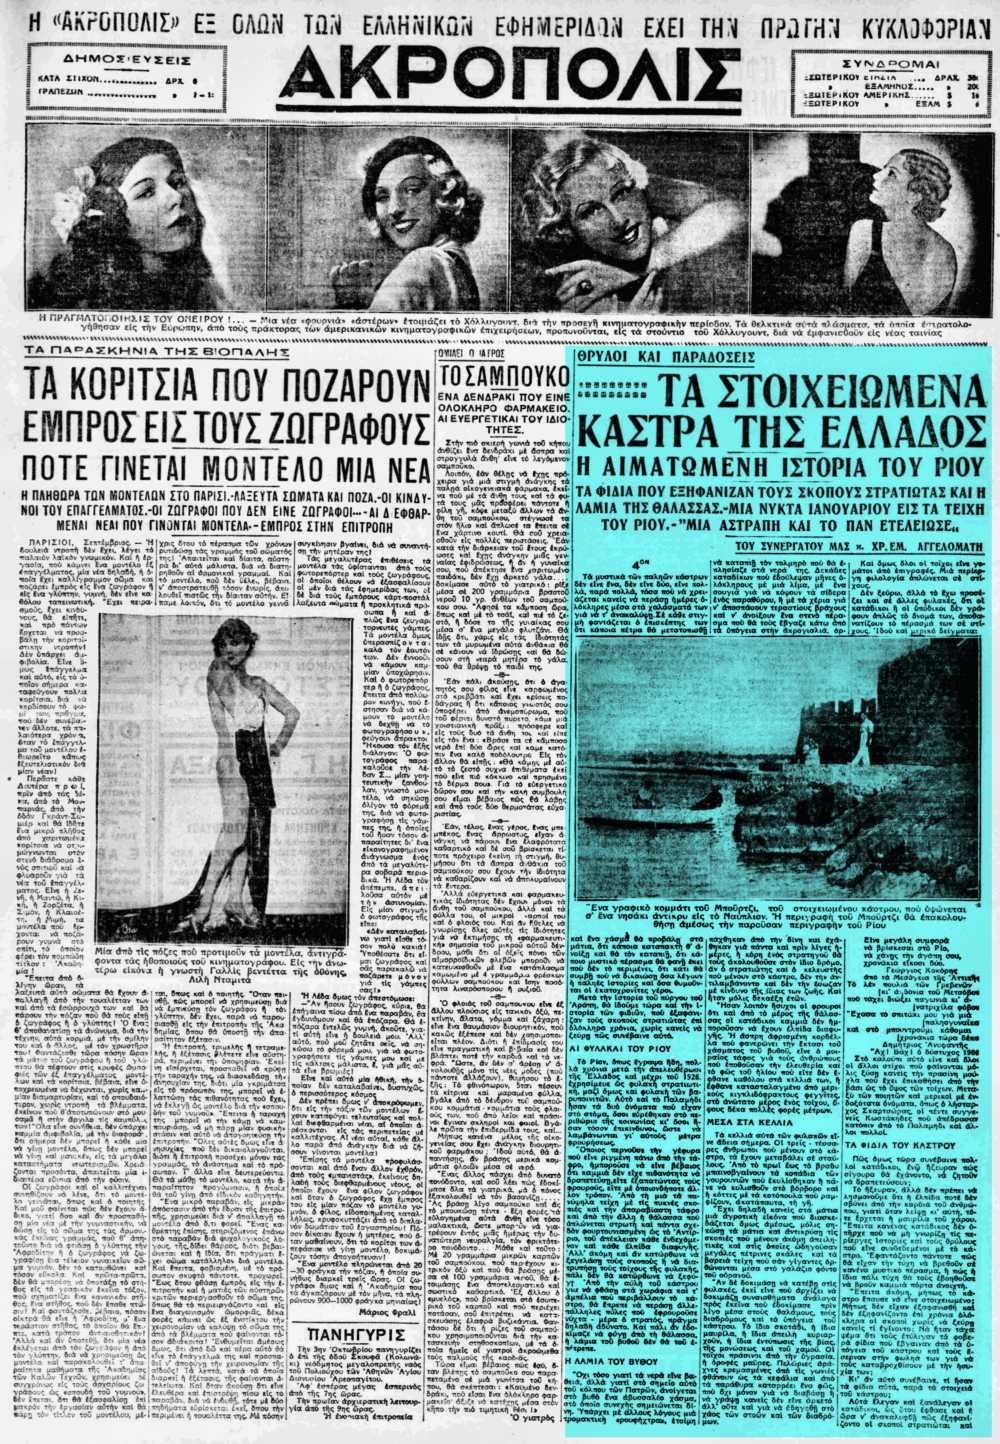 """Το άρθρο, όπως δημοσιεύθηκε στην εφημερίδα """"ΑΚΡΟΠΟΛΙΣ"""", στις 02/10/1932"""